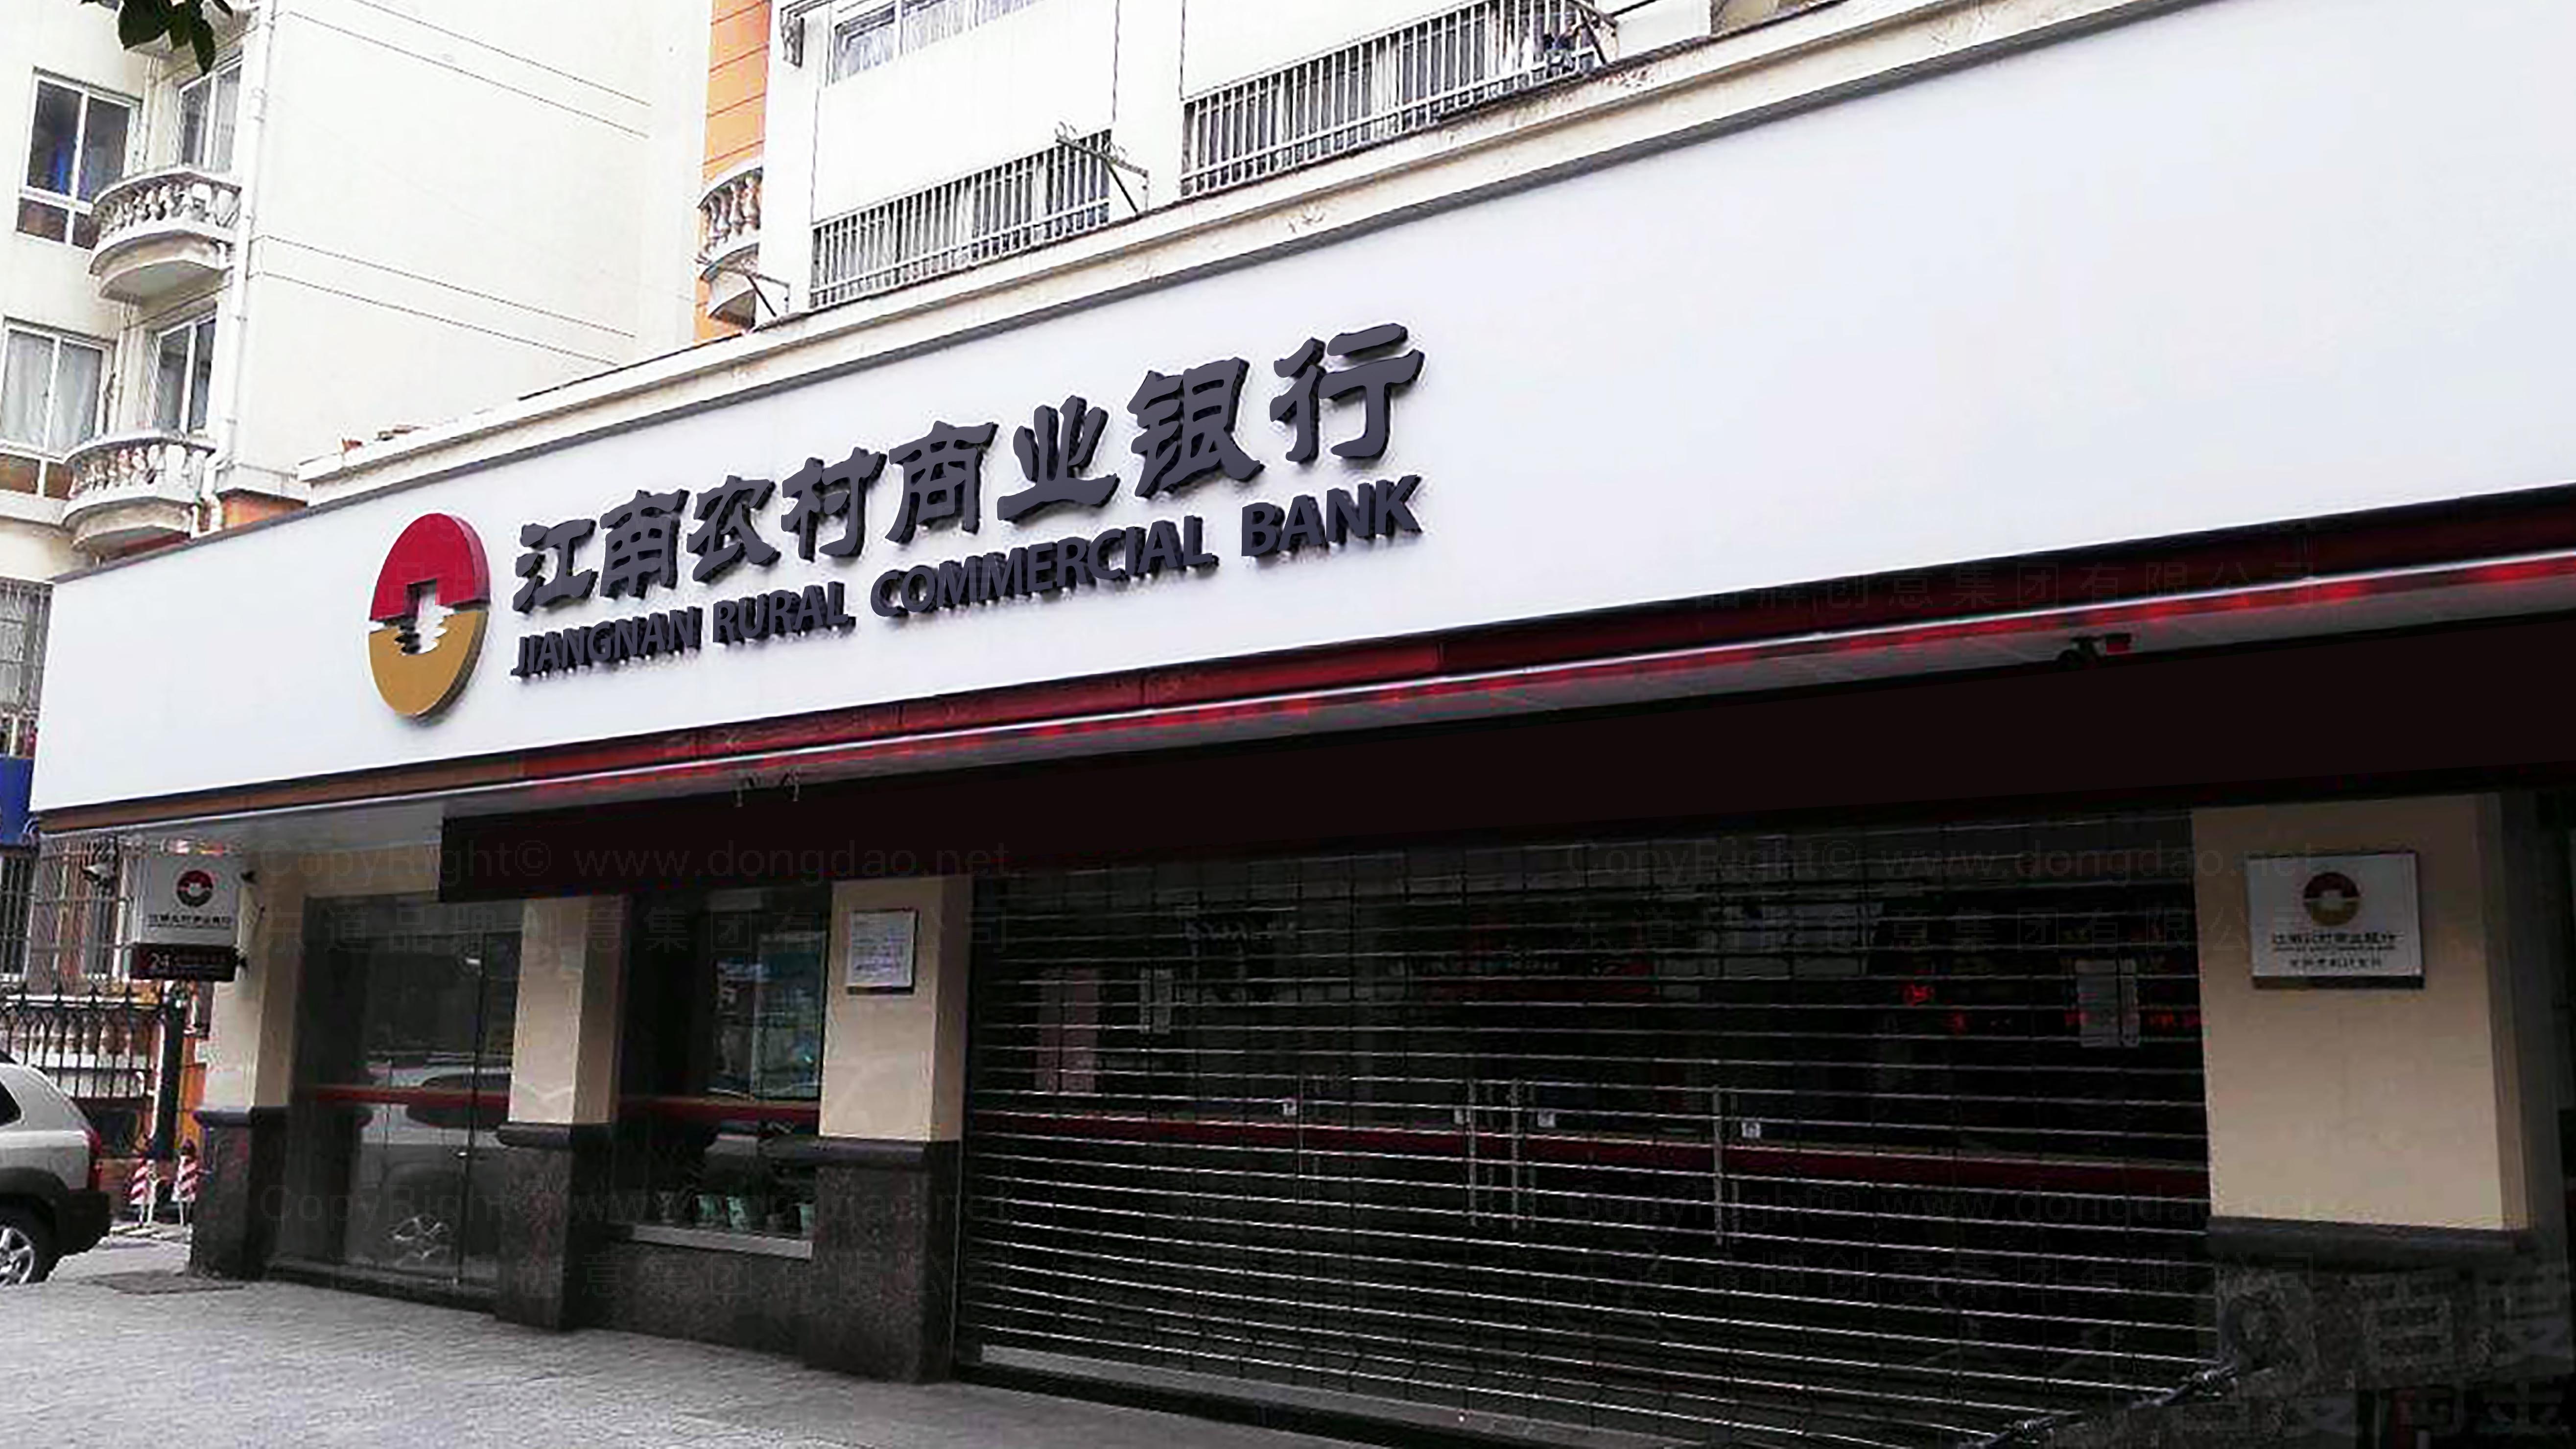 落地工程江南农商银行装饰工程标识制作应用场景_3